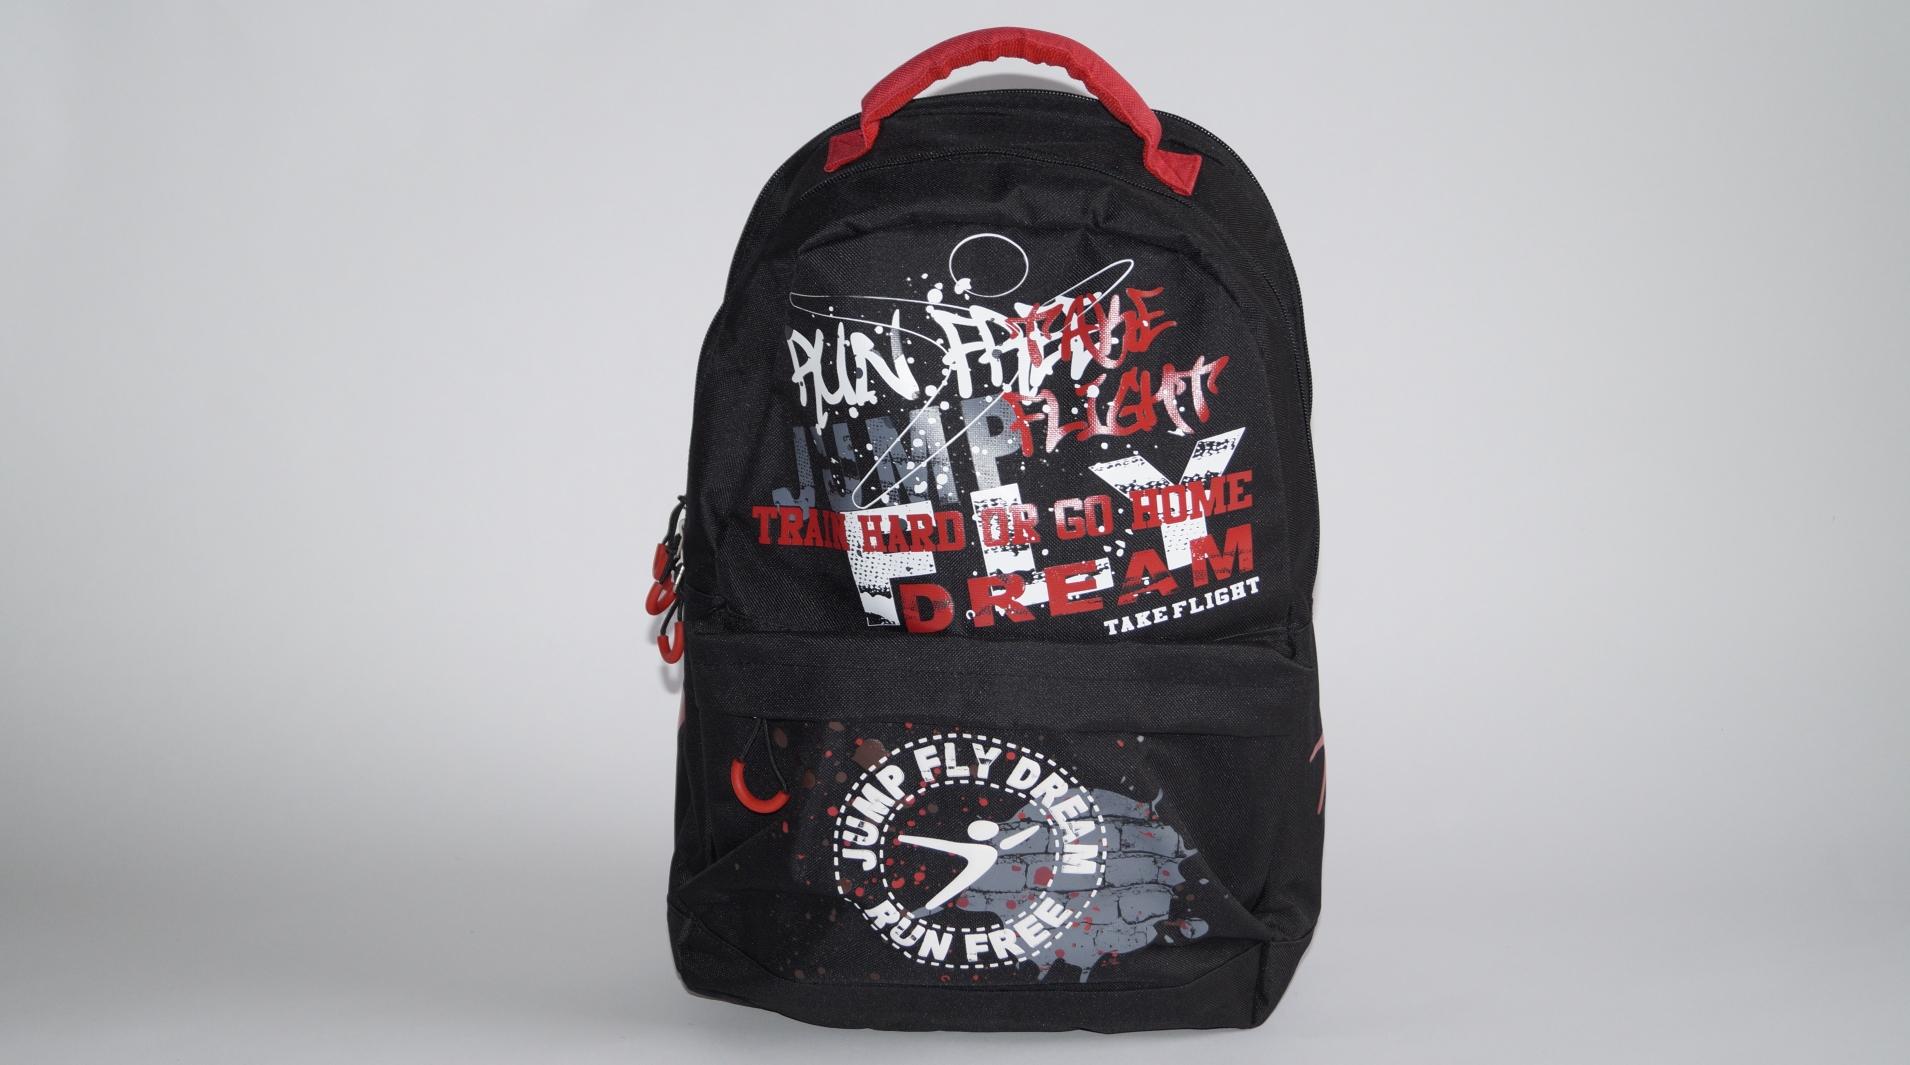 take-flight-graffiti-backpack-art-4.jpg